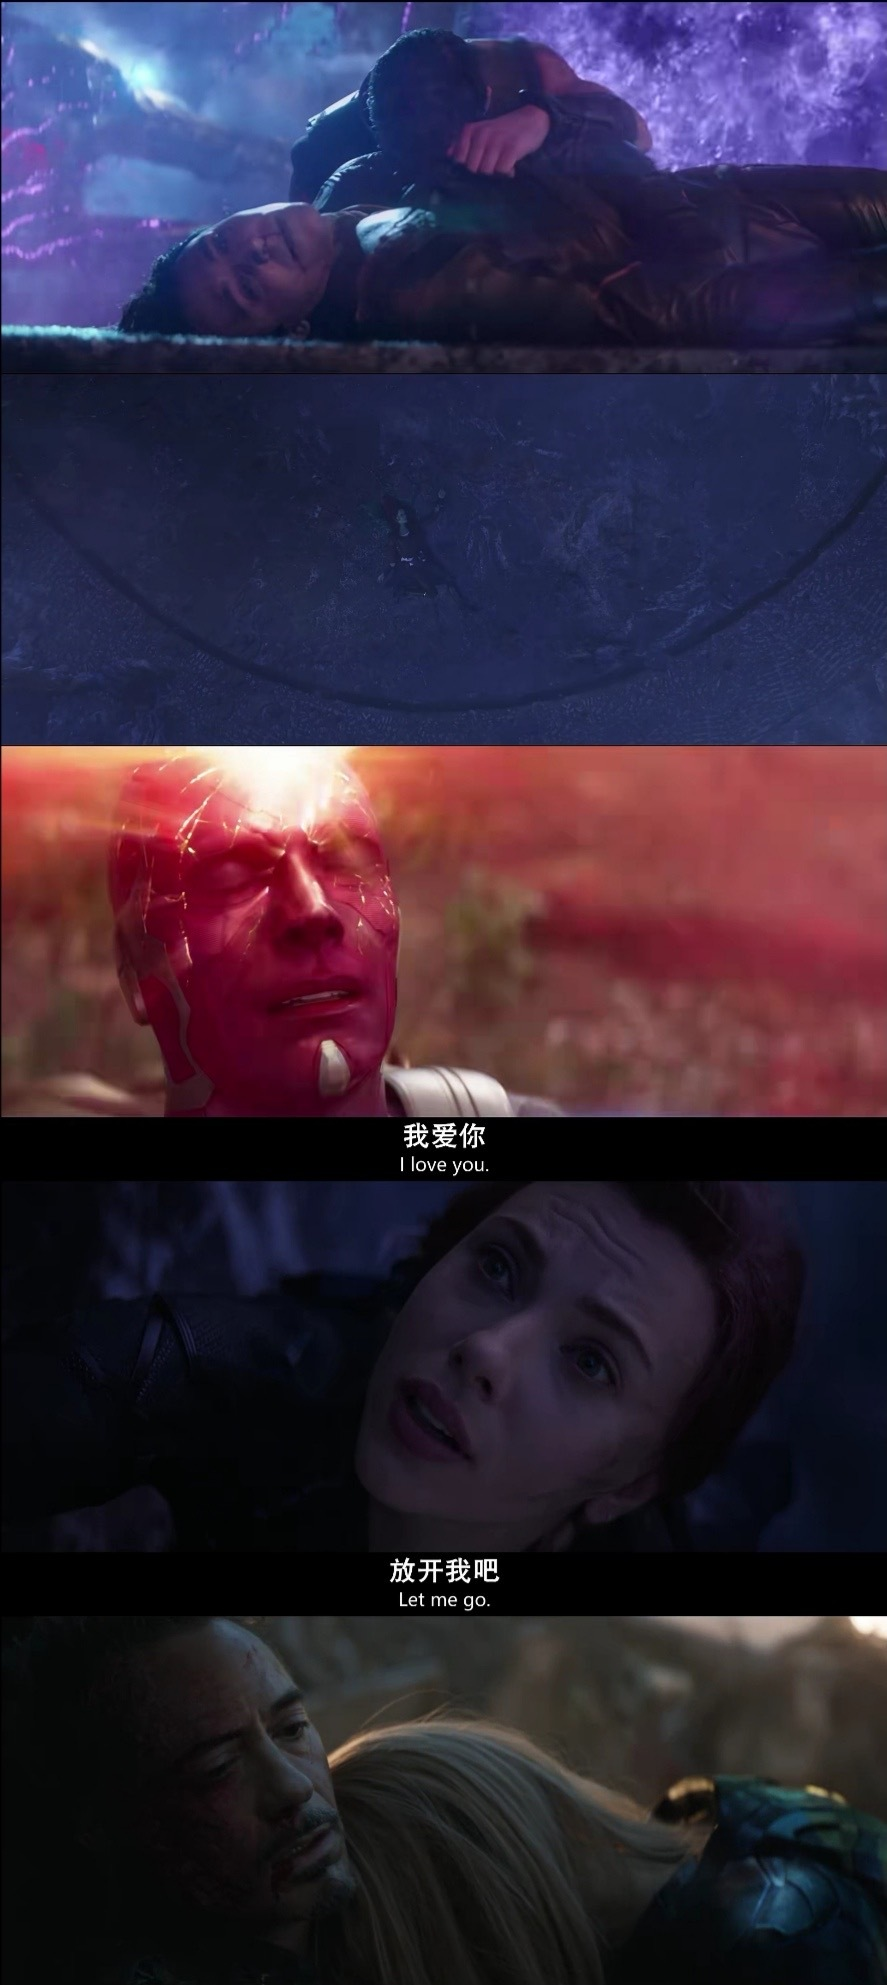 影视资讯出处:《复仇者联盟3》《复仇者联盟4》《洛基》